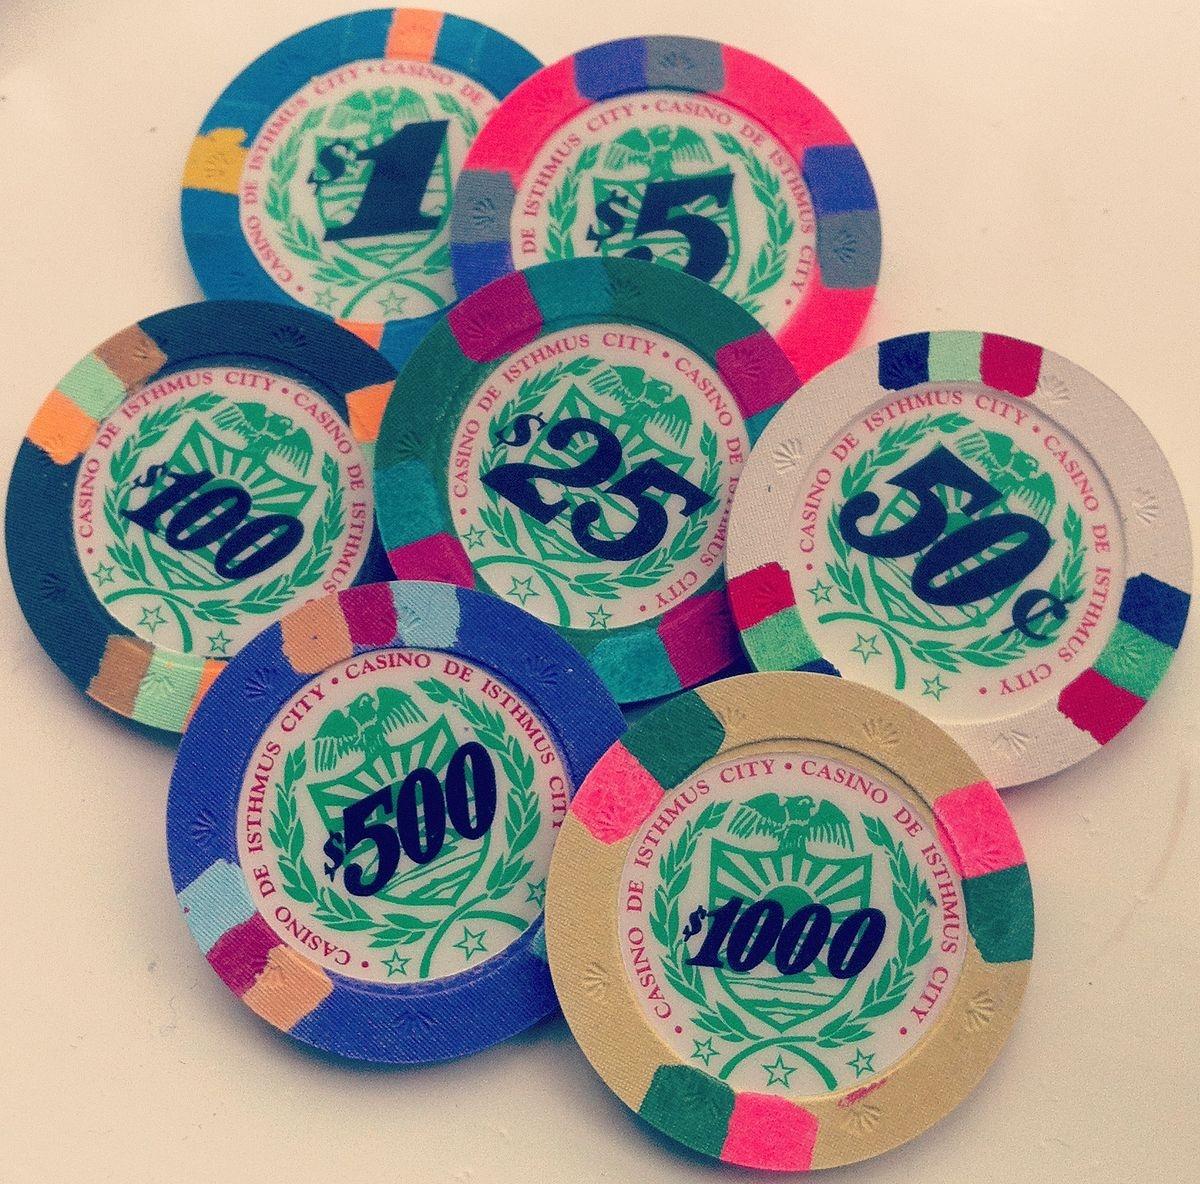 Eur 830 Free Casino Tournament at Casino.com